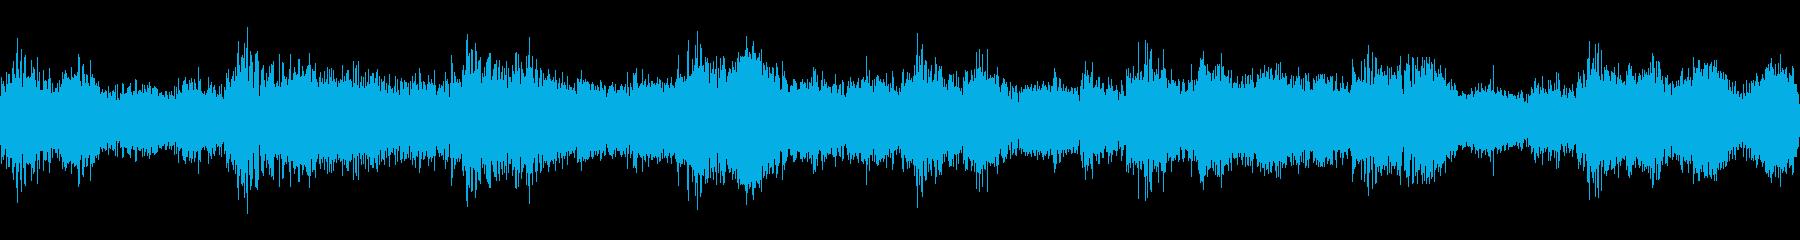 緊迫感 オーケストラ3 ループの再生済みの波形